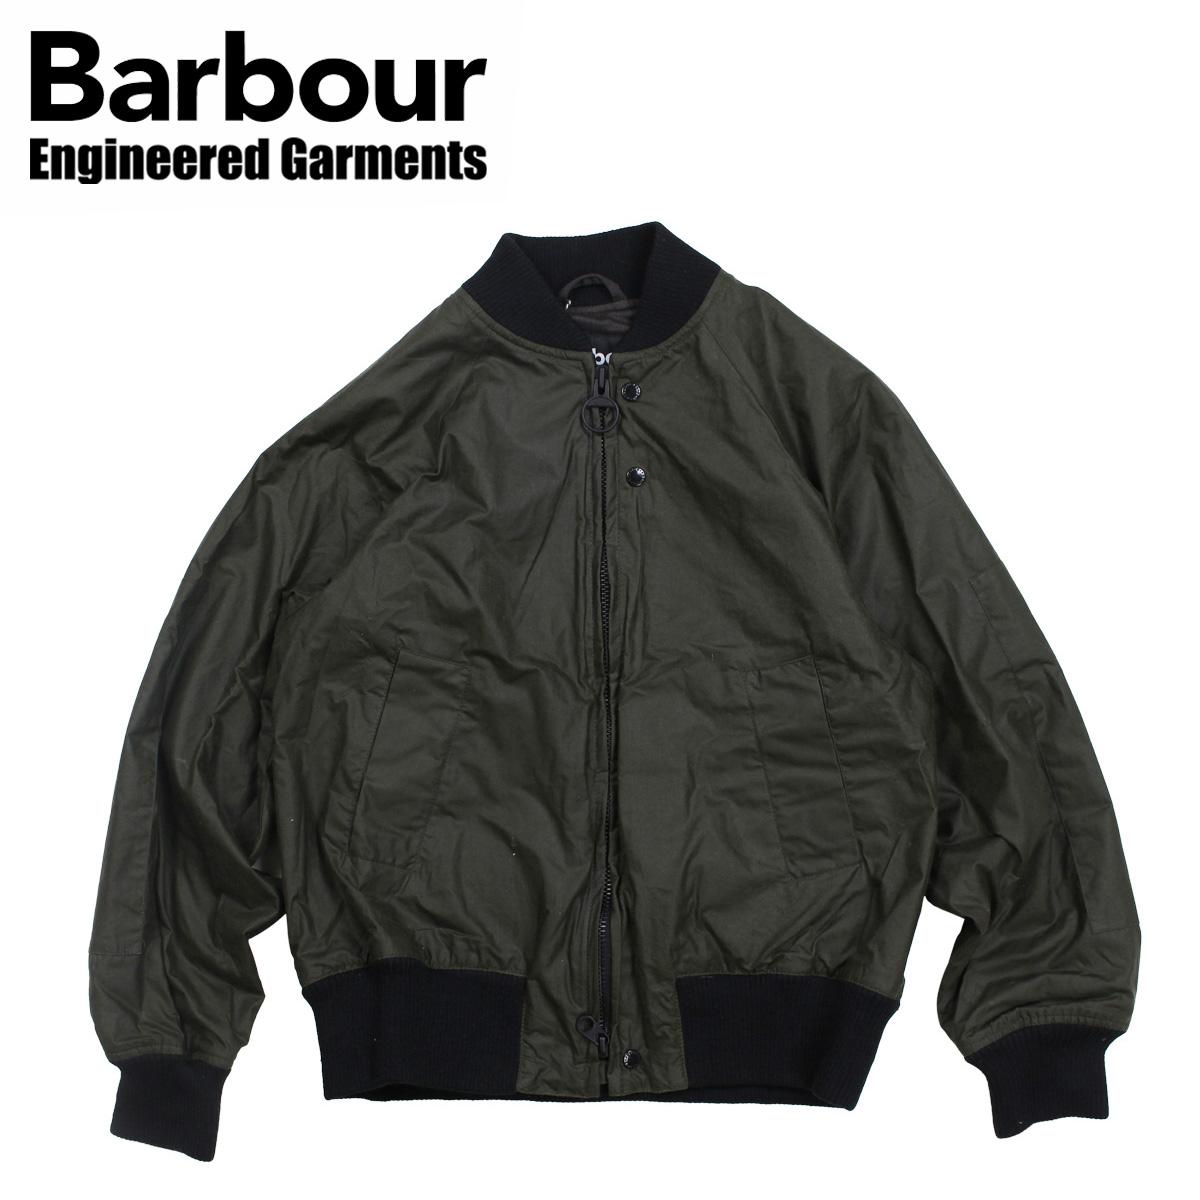 【最大2000円OFFクーポン配布】 バブアー Barbour ジャケット ワックス メンズ ワックスジャケット DUMBO WAXED JACKET オリーブ MWX1435